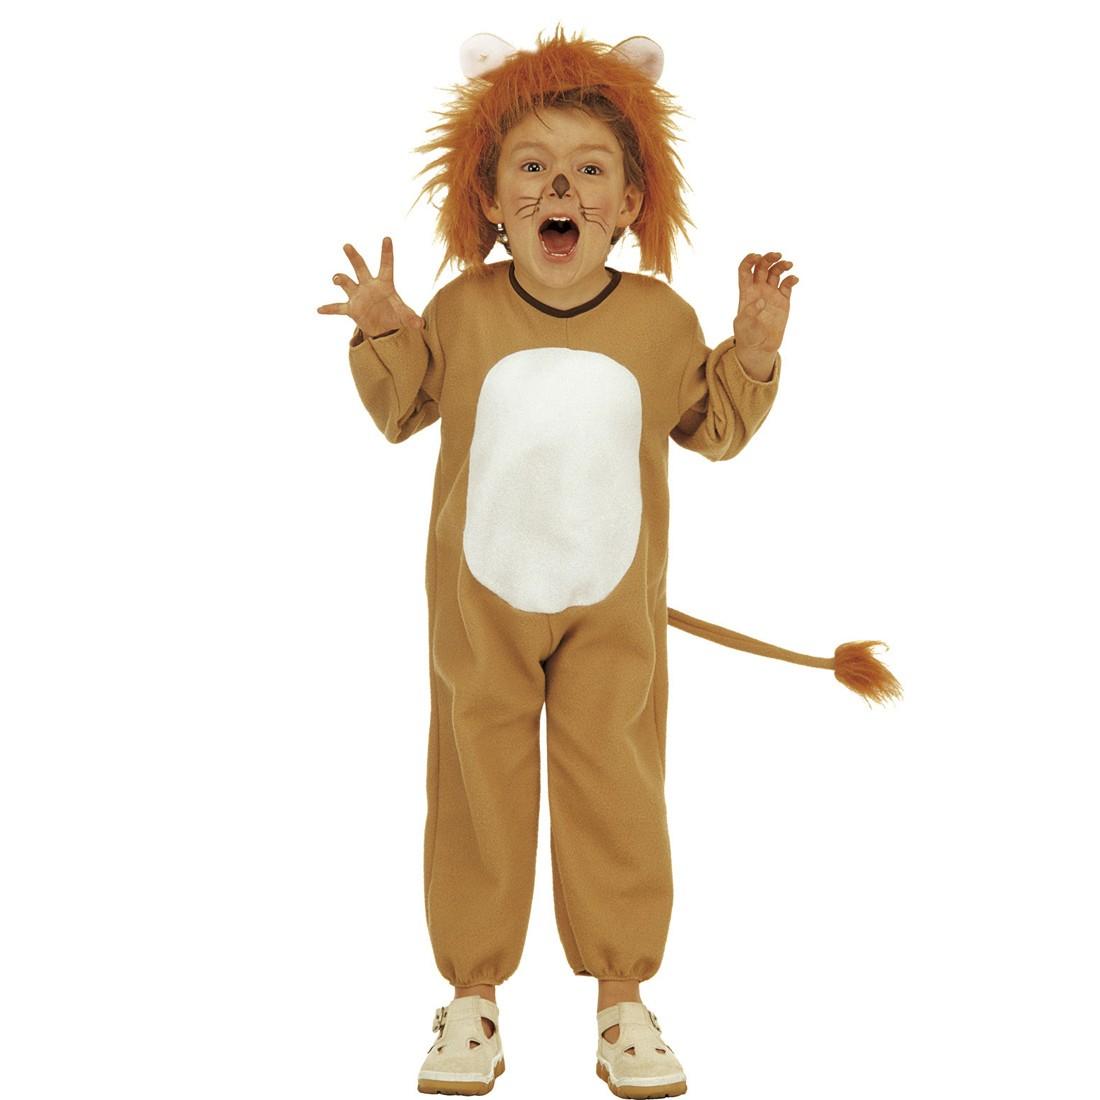 Lowenkostum Kinder Lowe Kostum Konig Der Lowen Kinderkostum